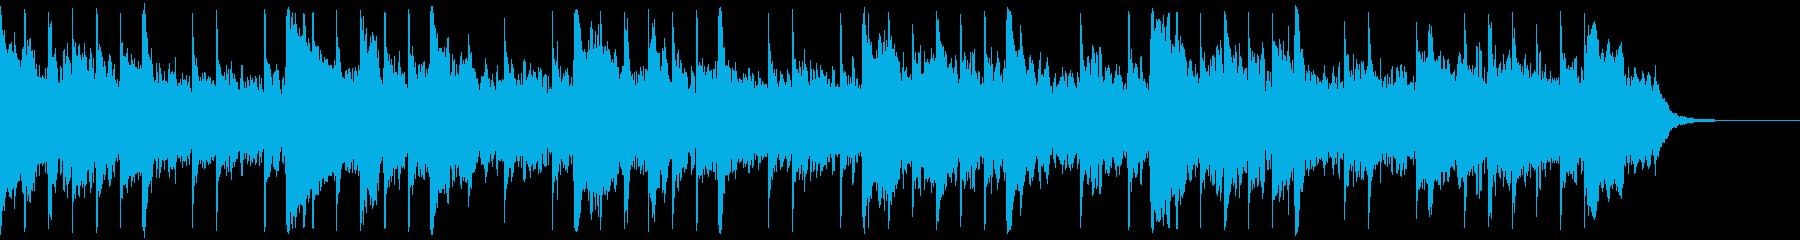 フリーゲームのホラーパートの再生済みの波形